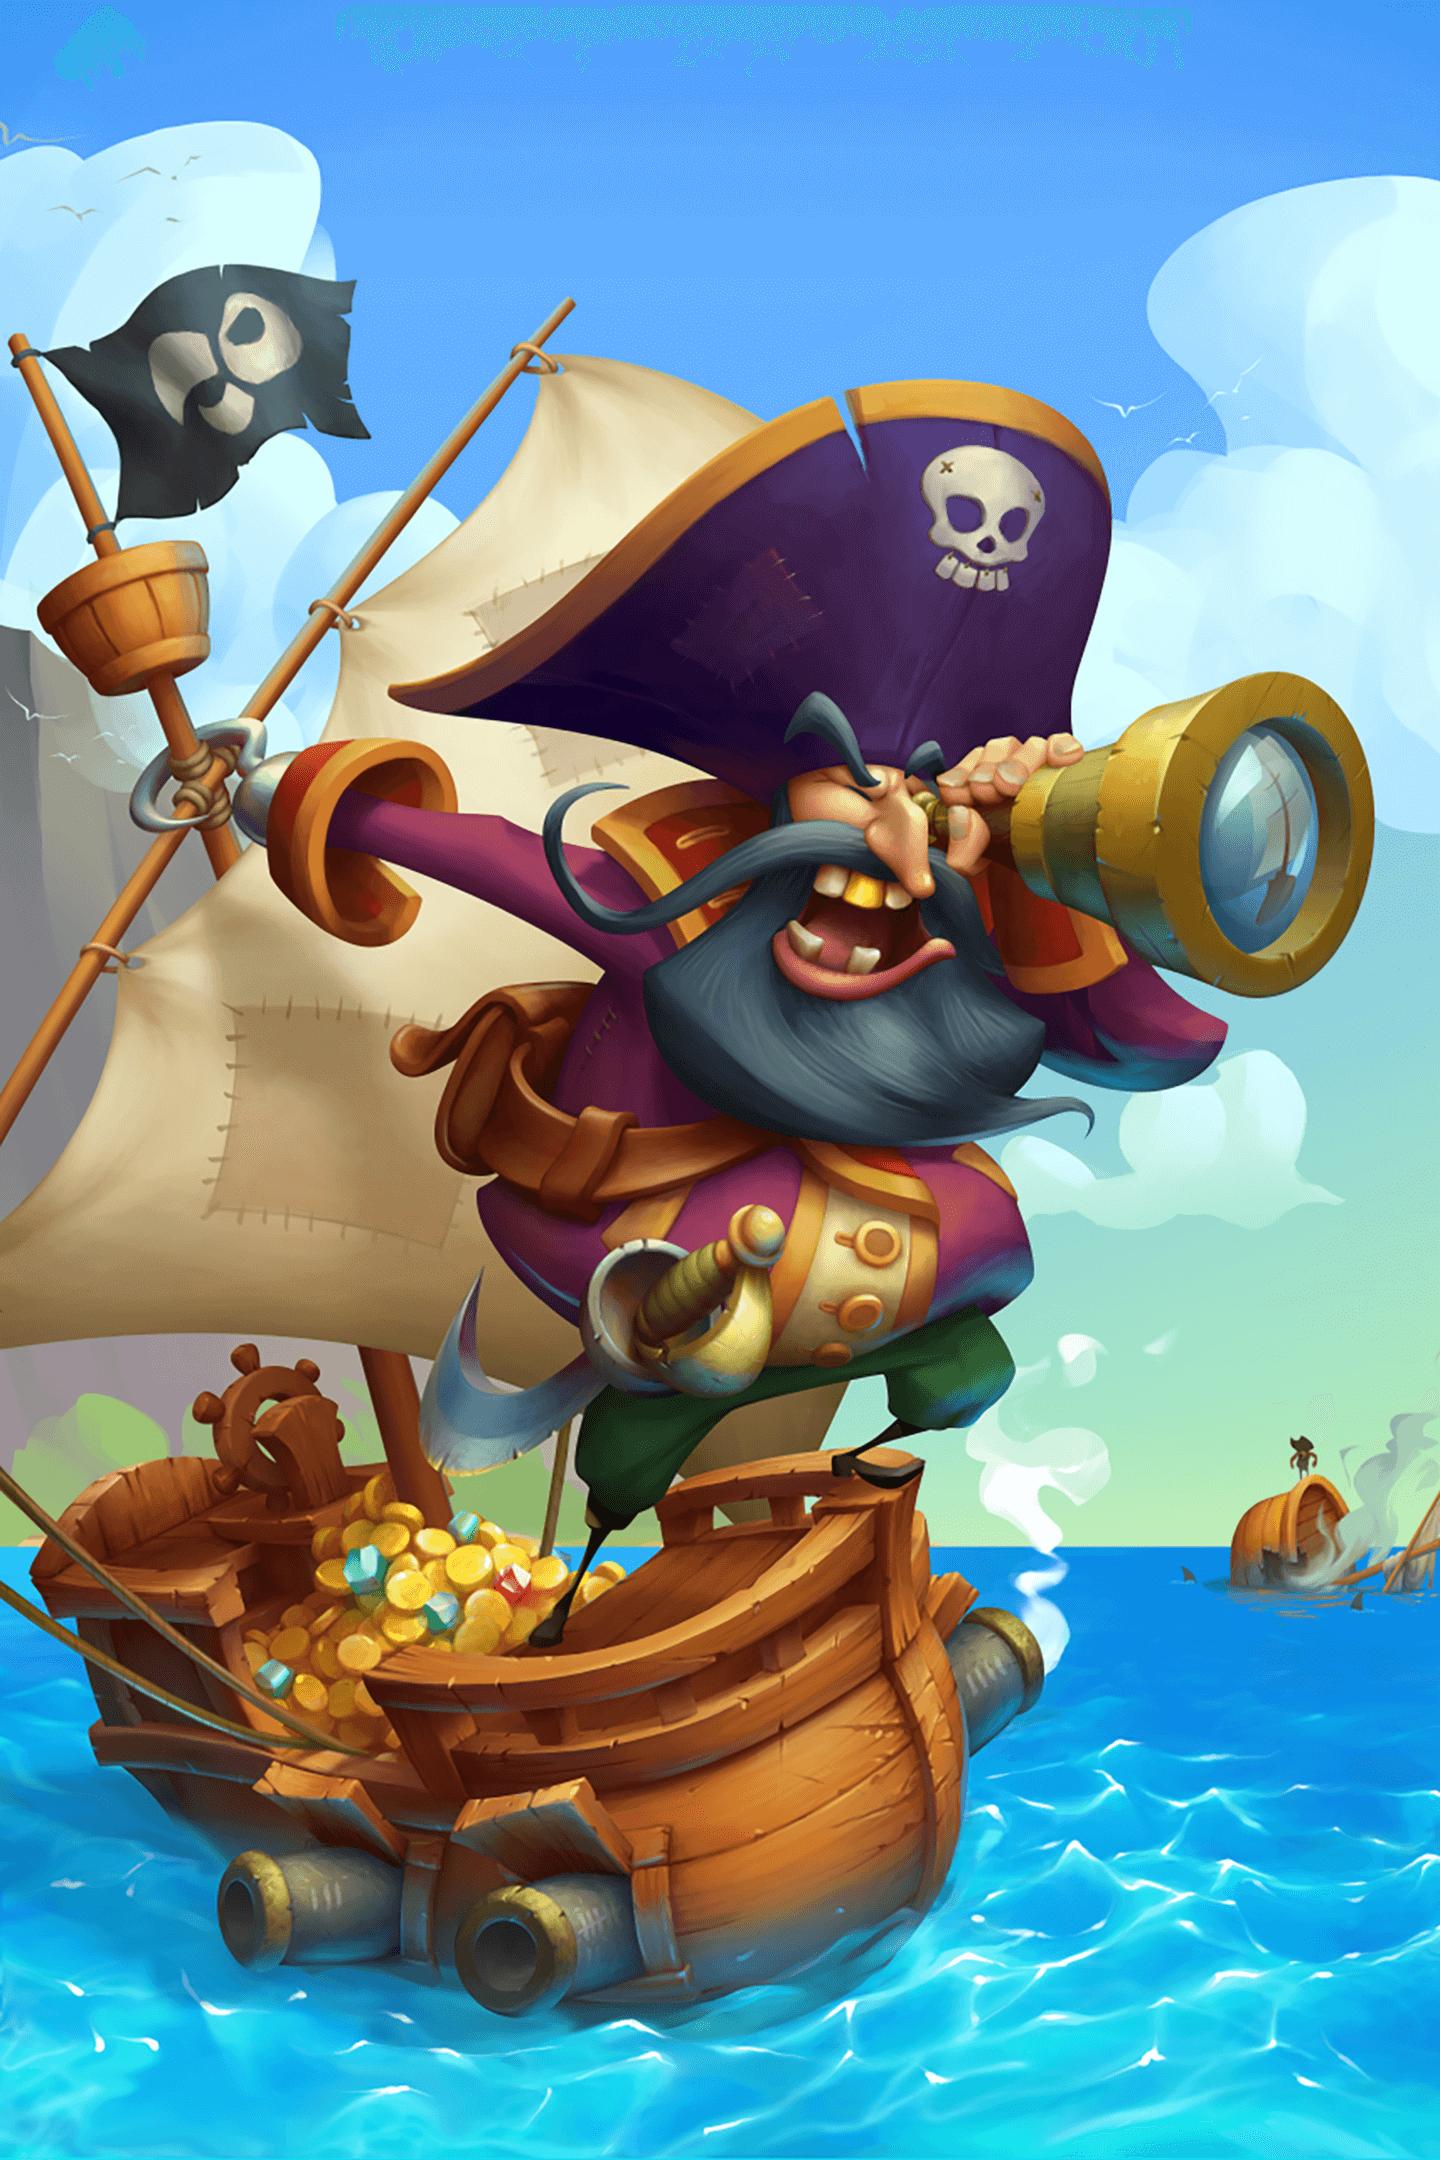 Pirate Cards: He's a Pirate Kids